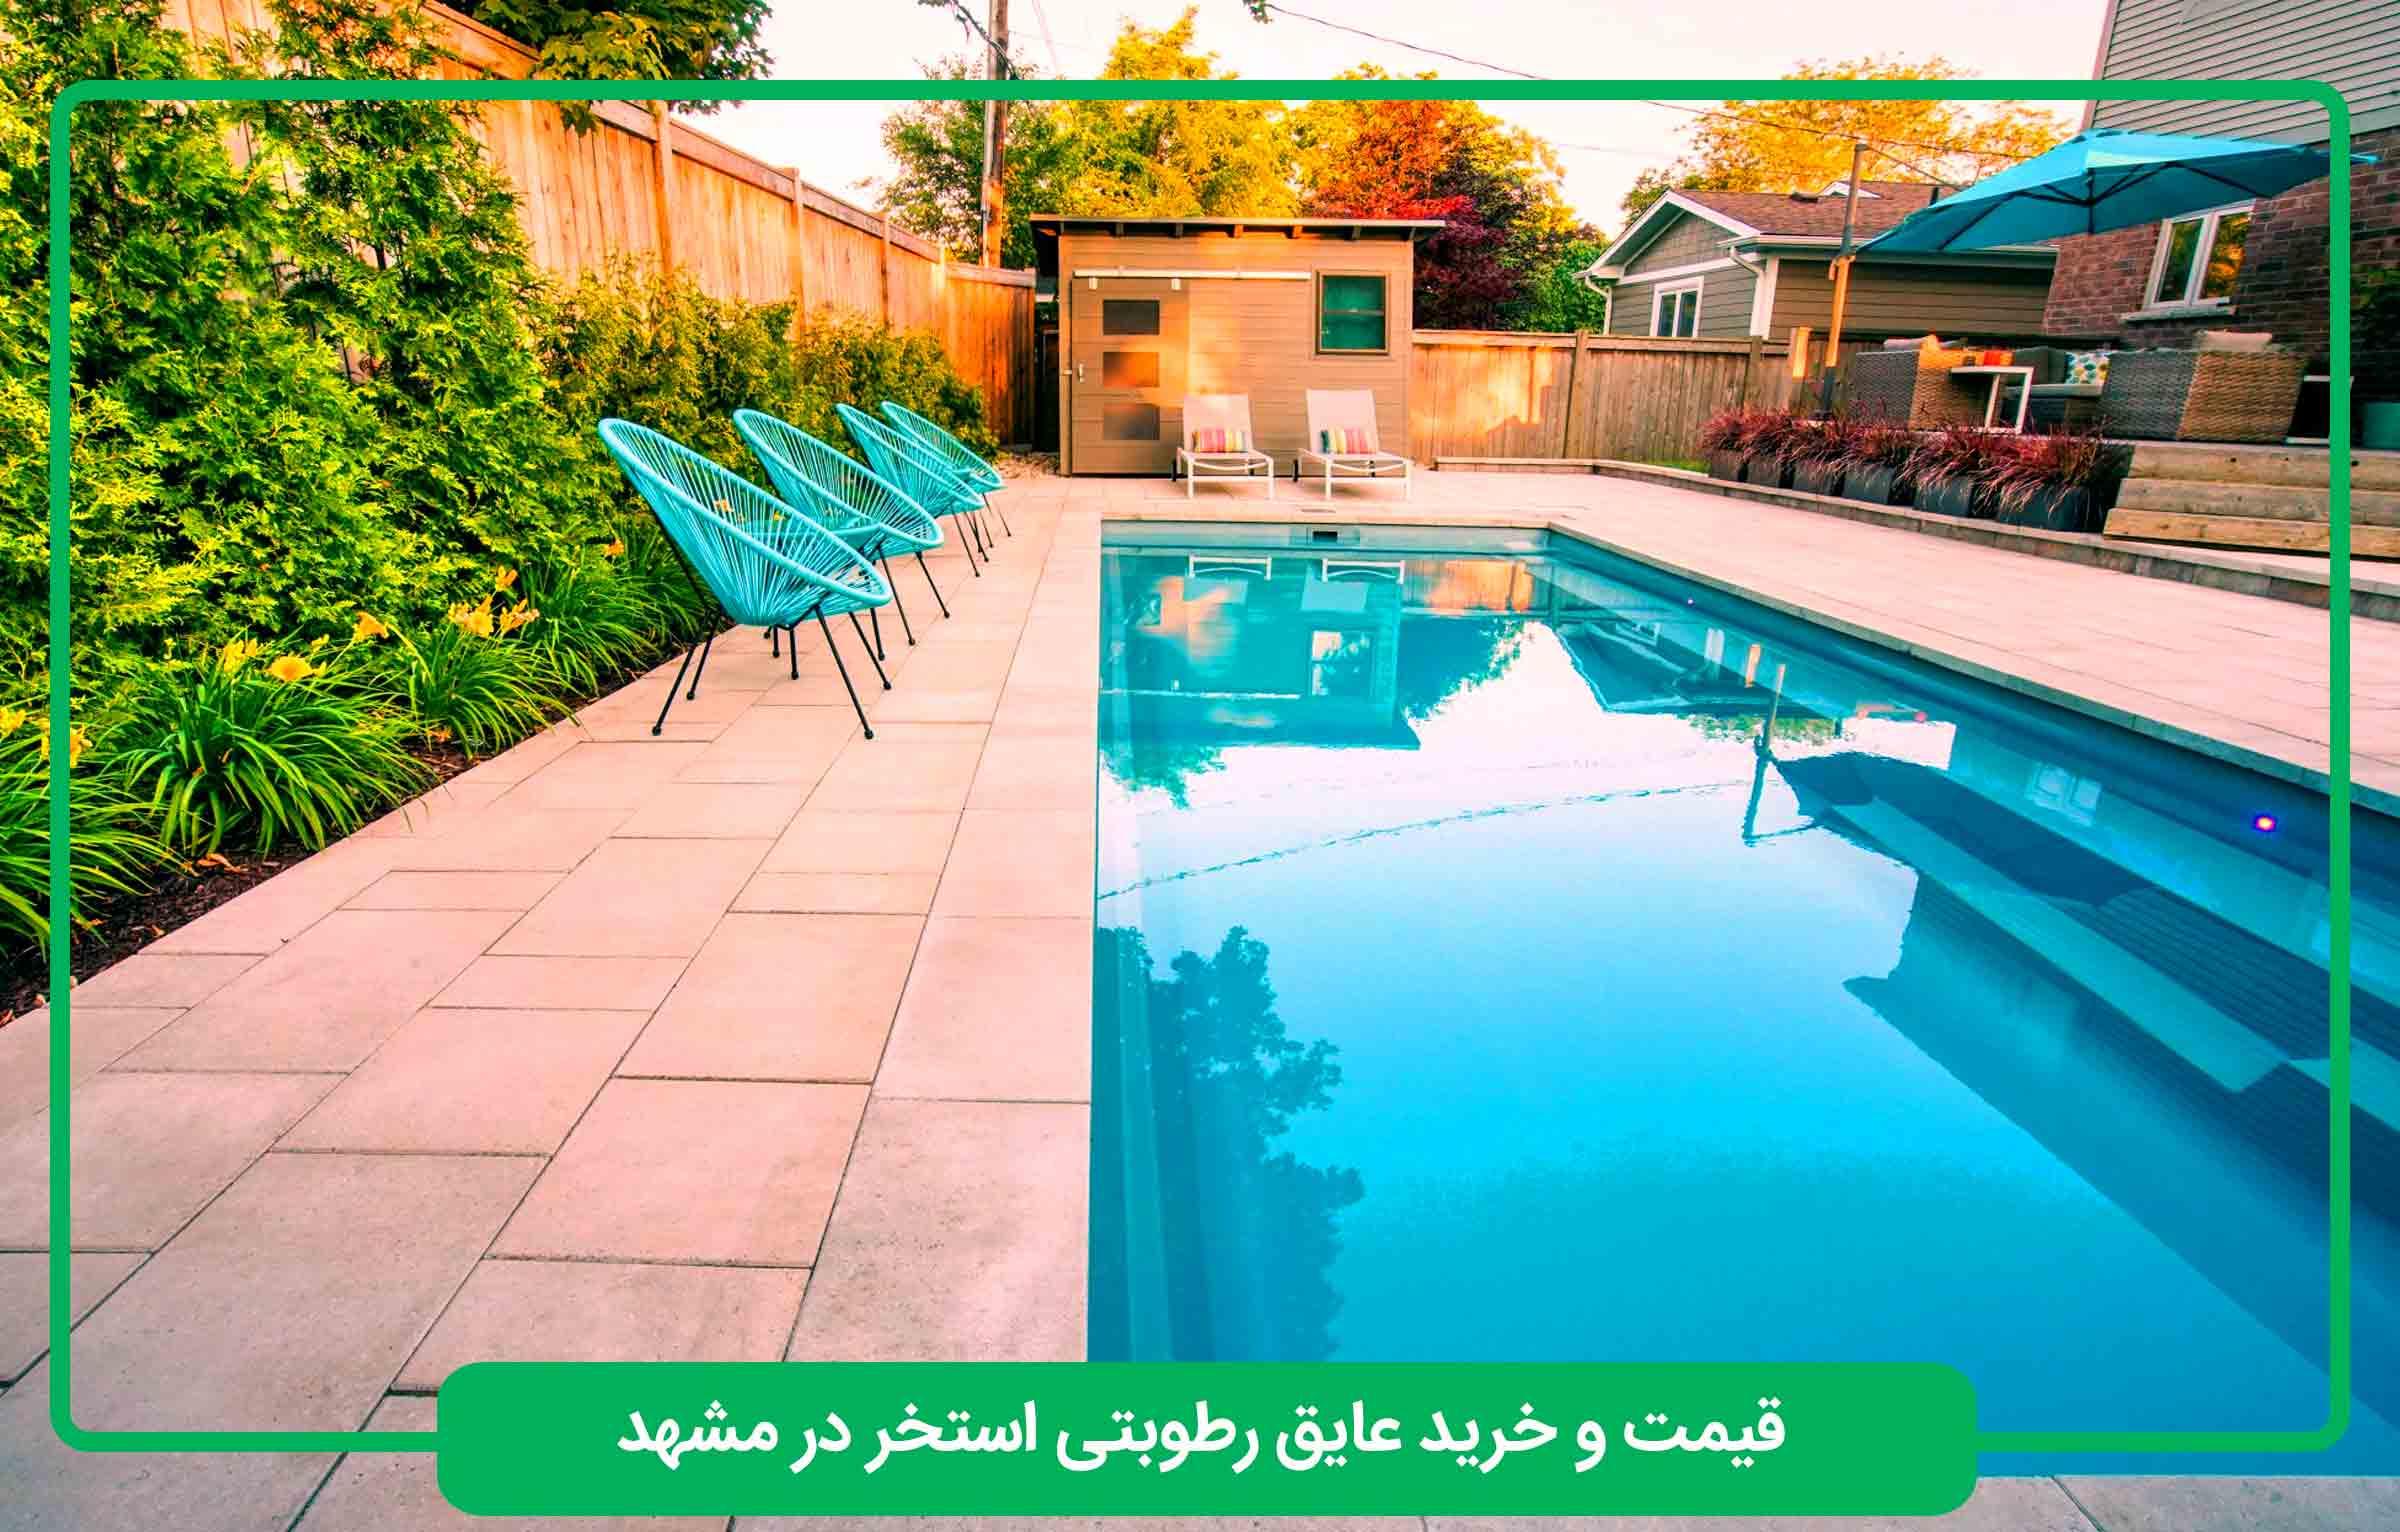 قیمت و خرید عایق رطوبتی استخر در مشهد